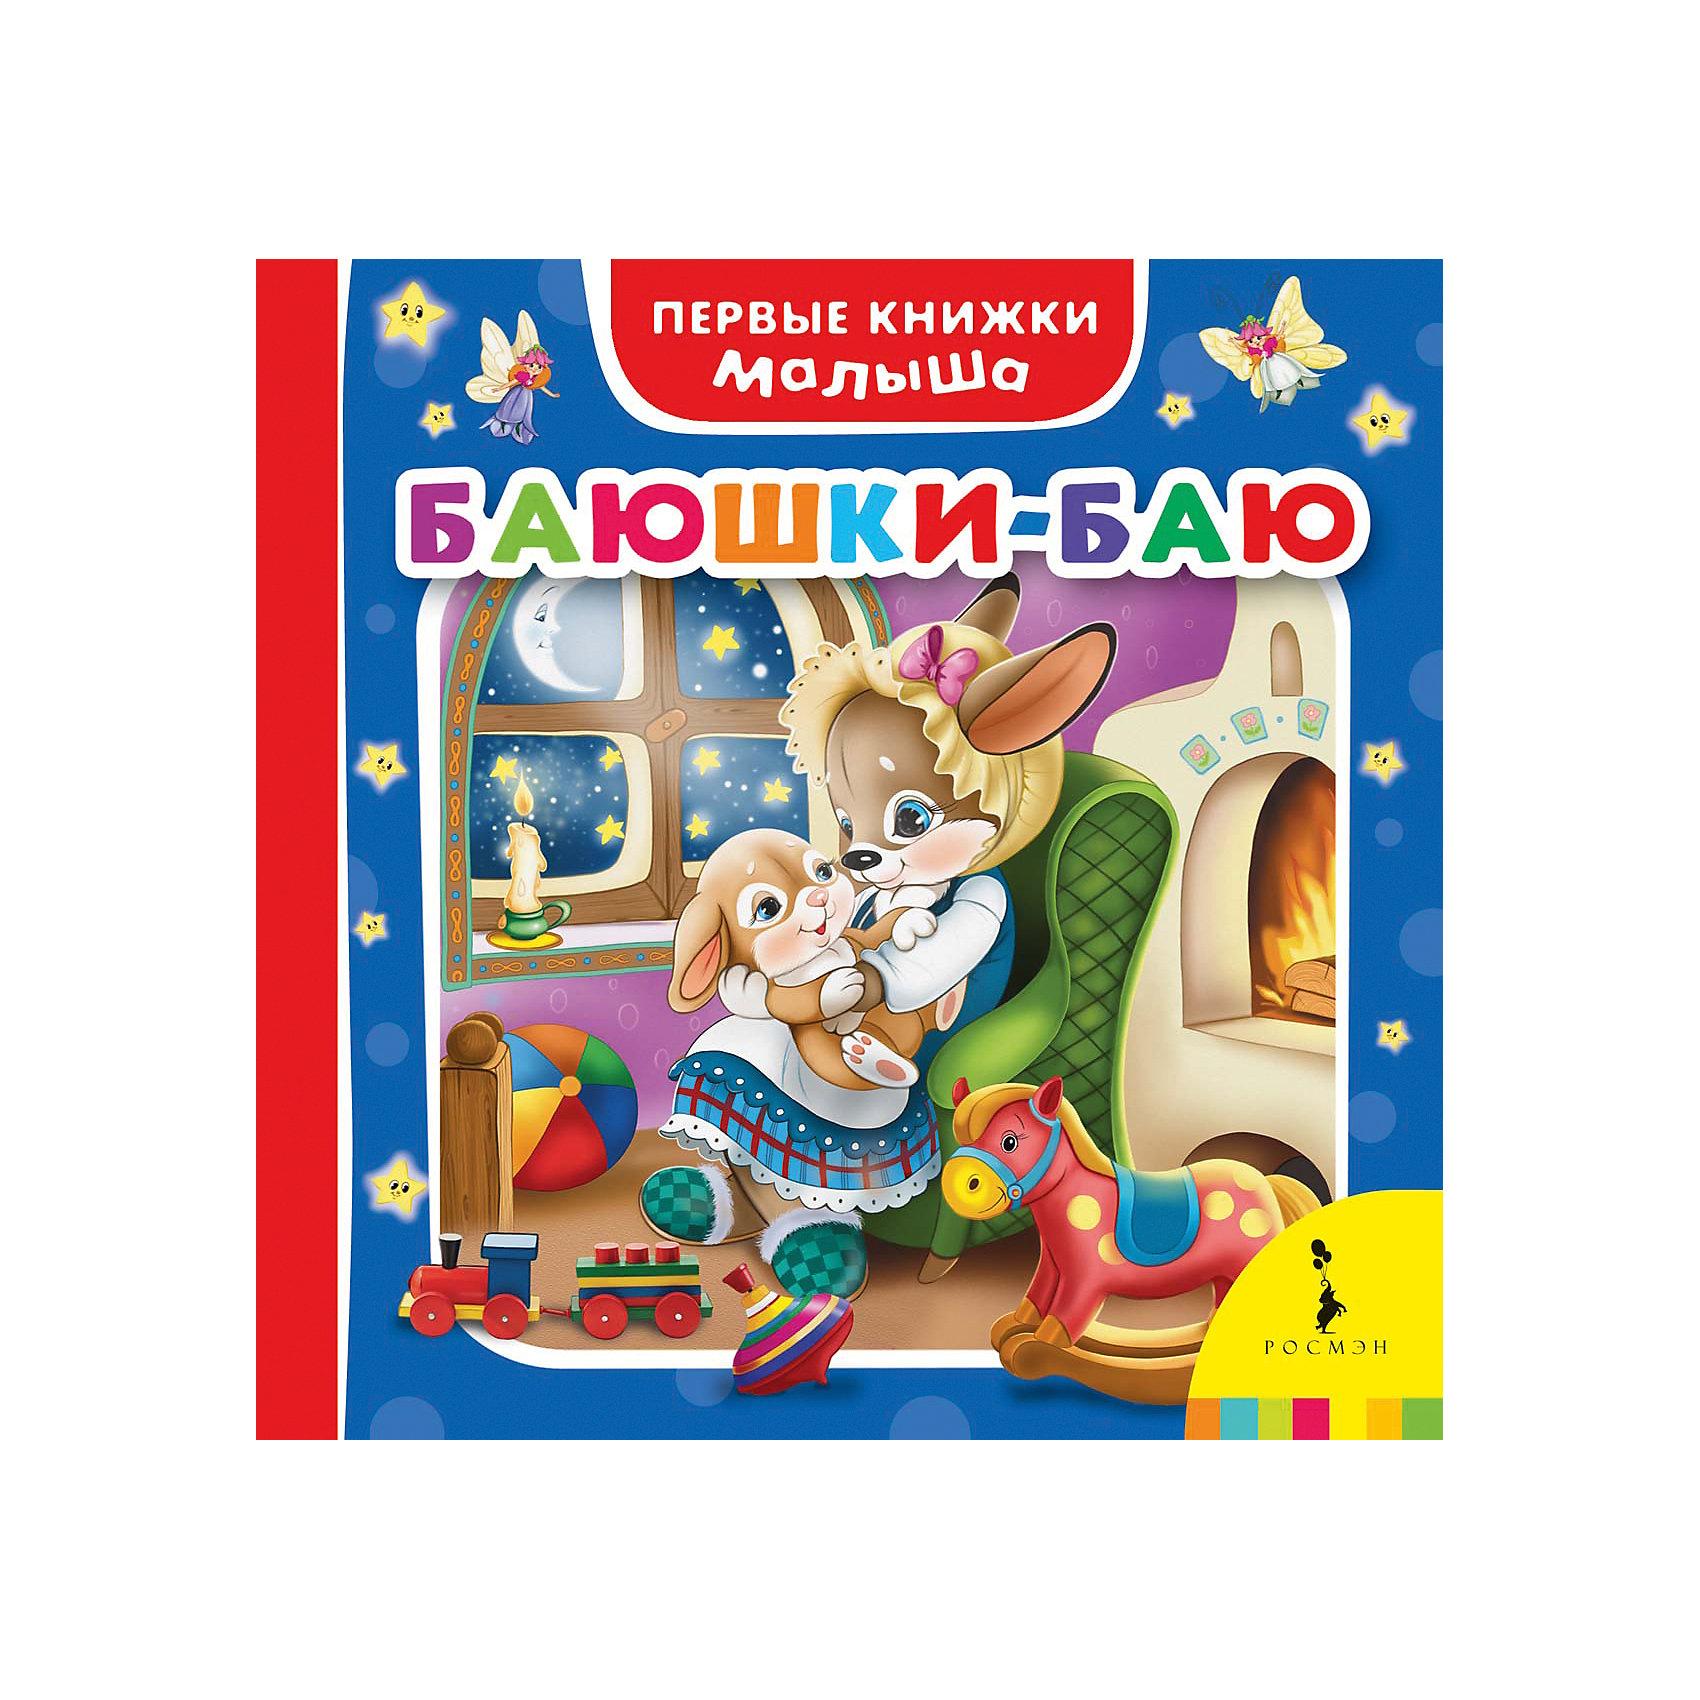 Росмэн Баюшки-баю, серия Первые книги малыша книжки картонки росмэн книжка баюшки баю